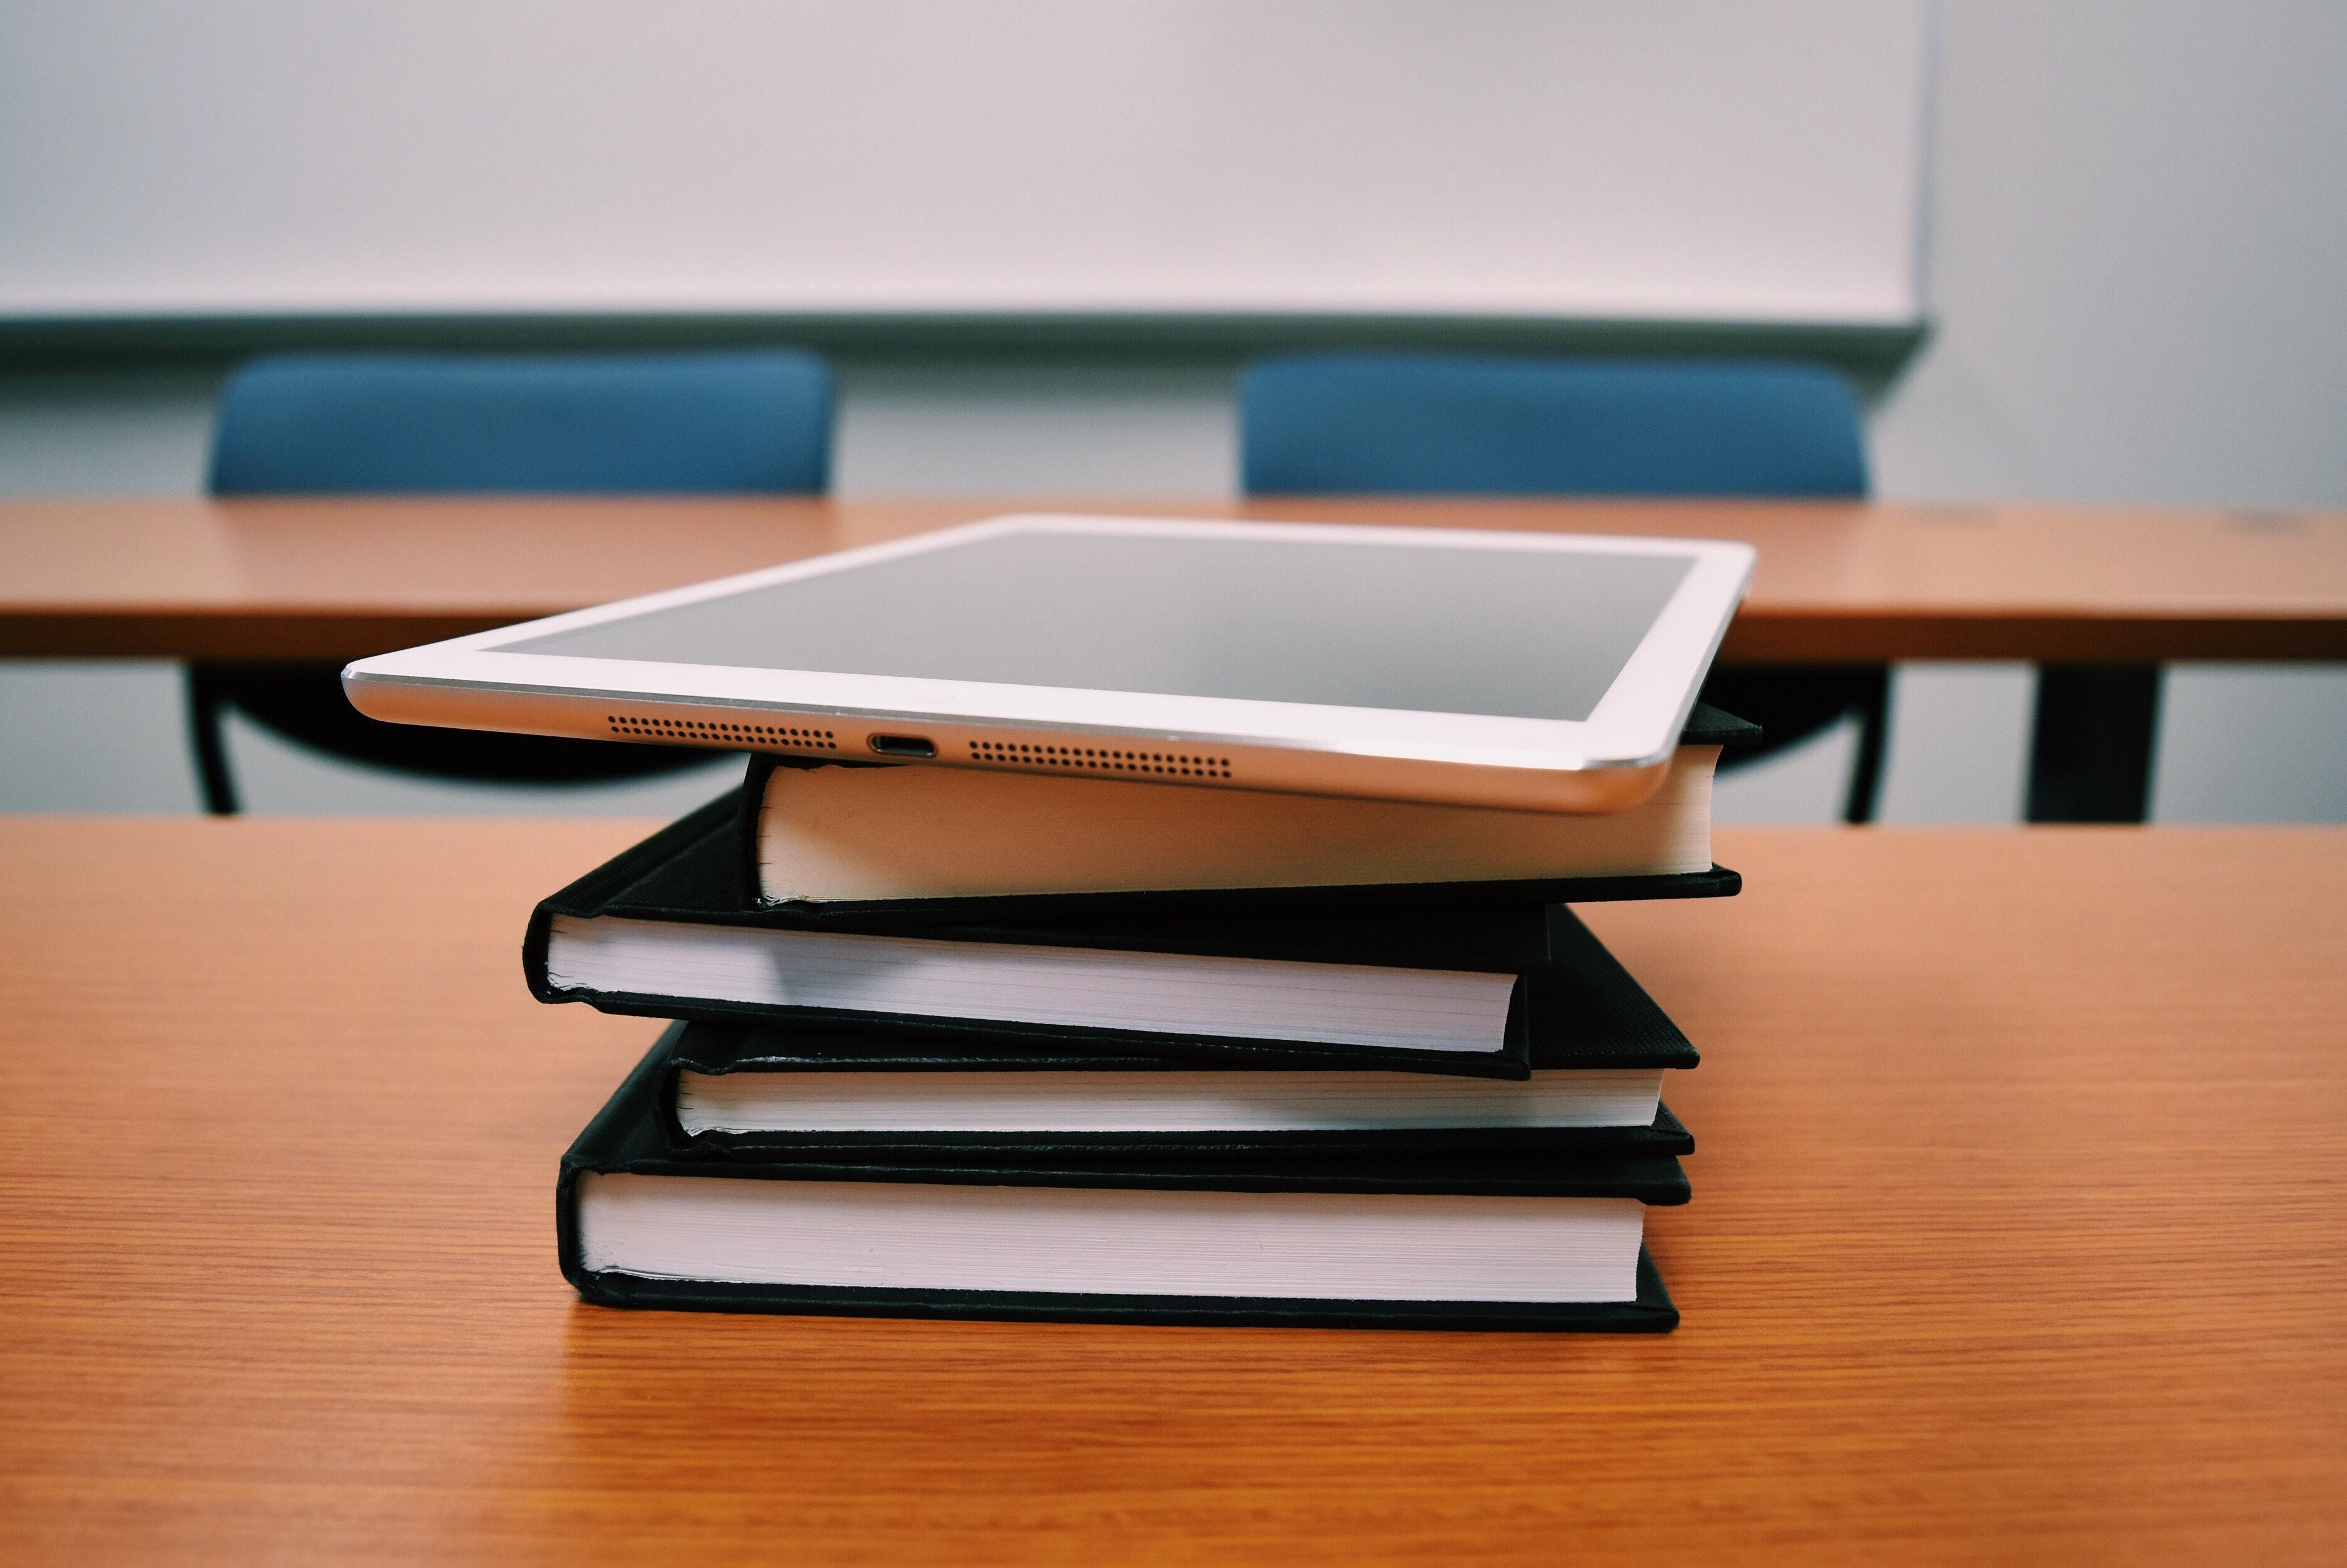 Sala de aula invertida: o que é e quais são os benefícios?